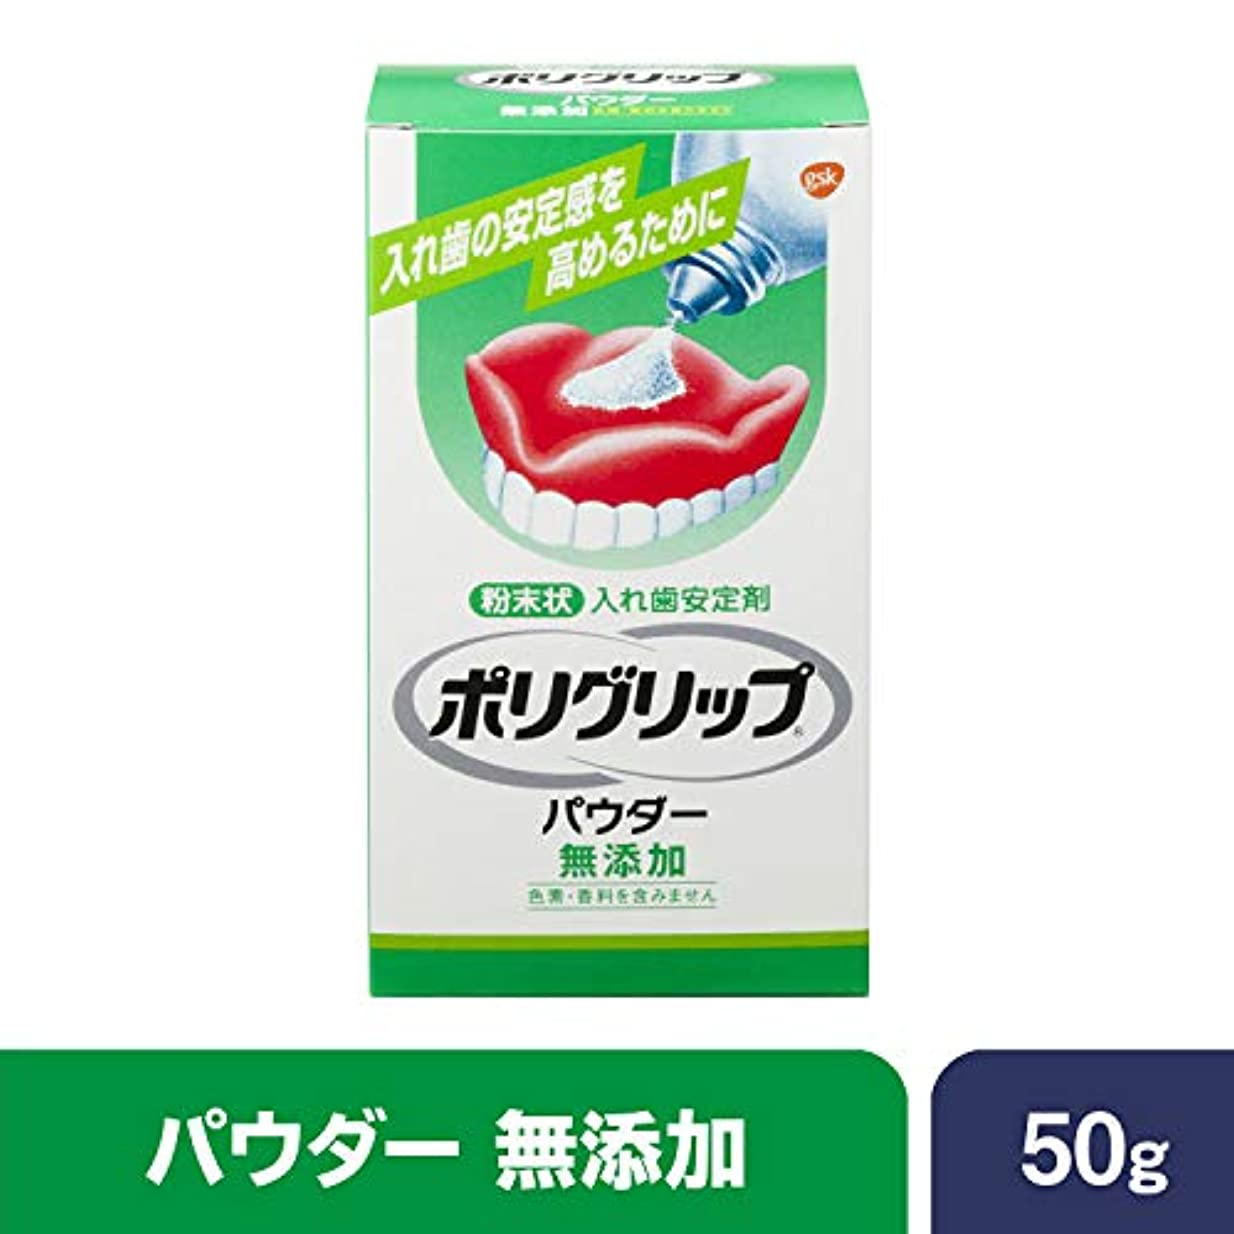 蓋精度遺棄された入れ歯安定剤 ポリグリップ パウダー無添加 50g